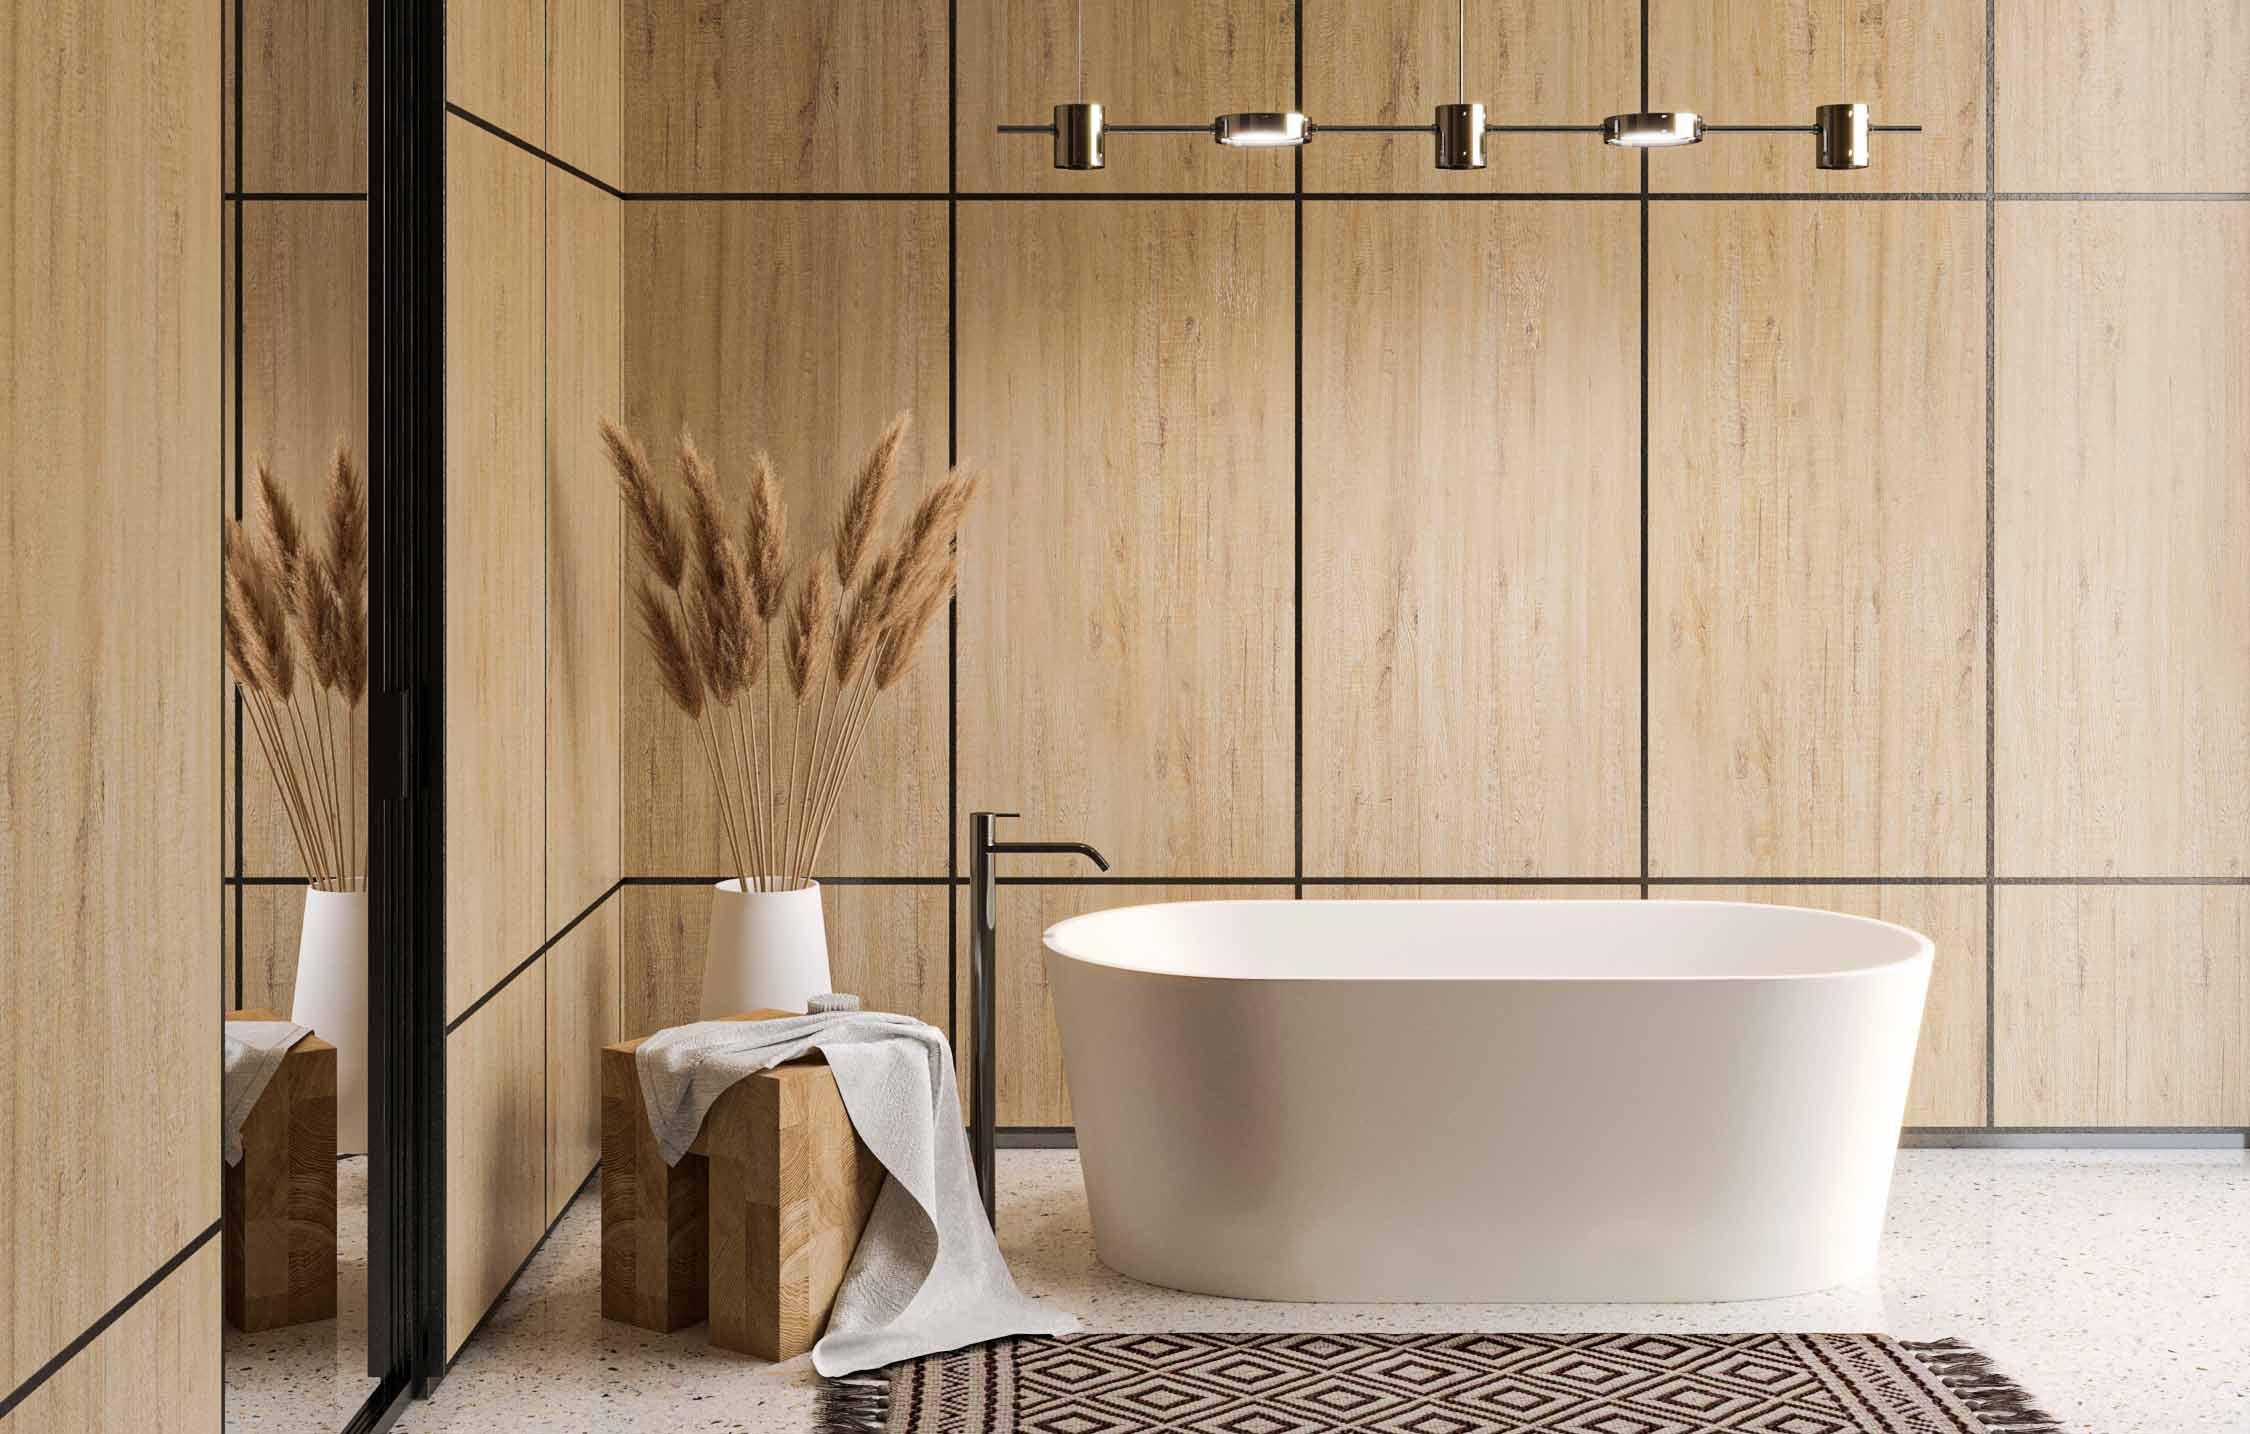 Salle de bain avec boiserie lambrissée